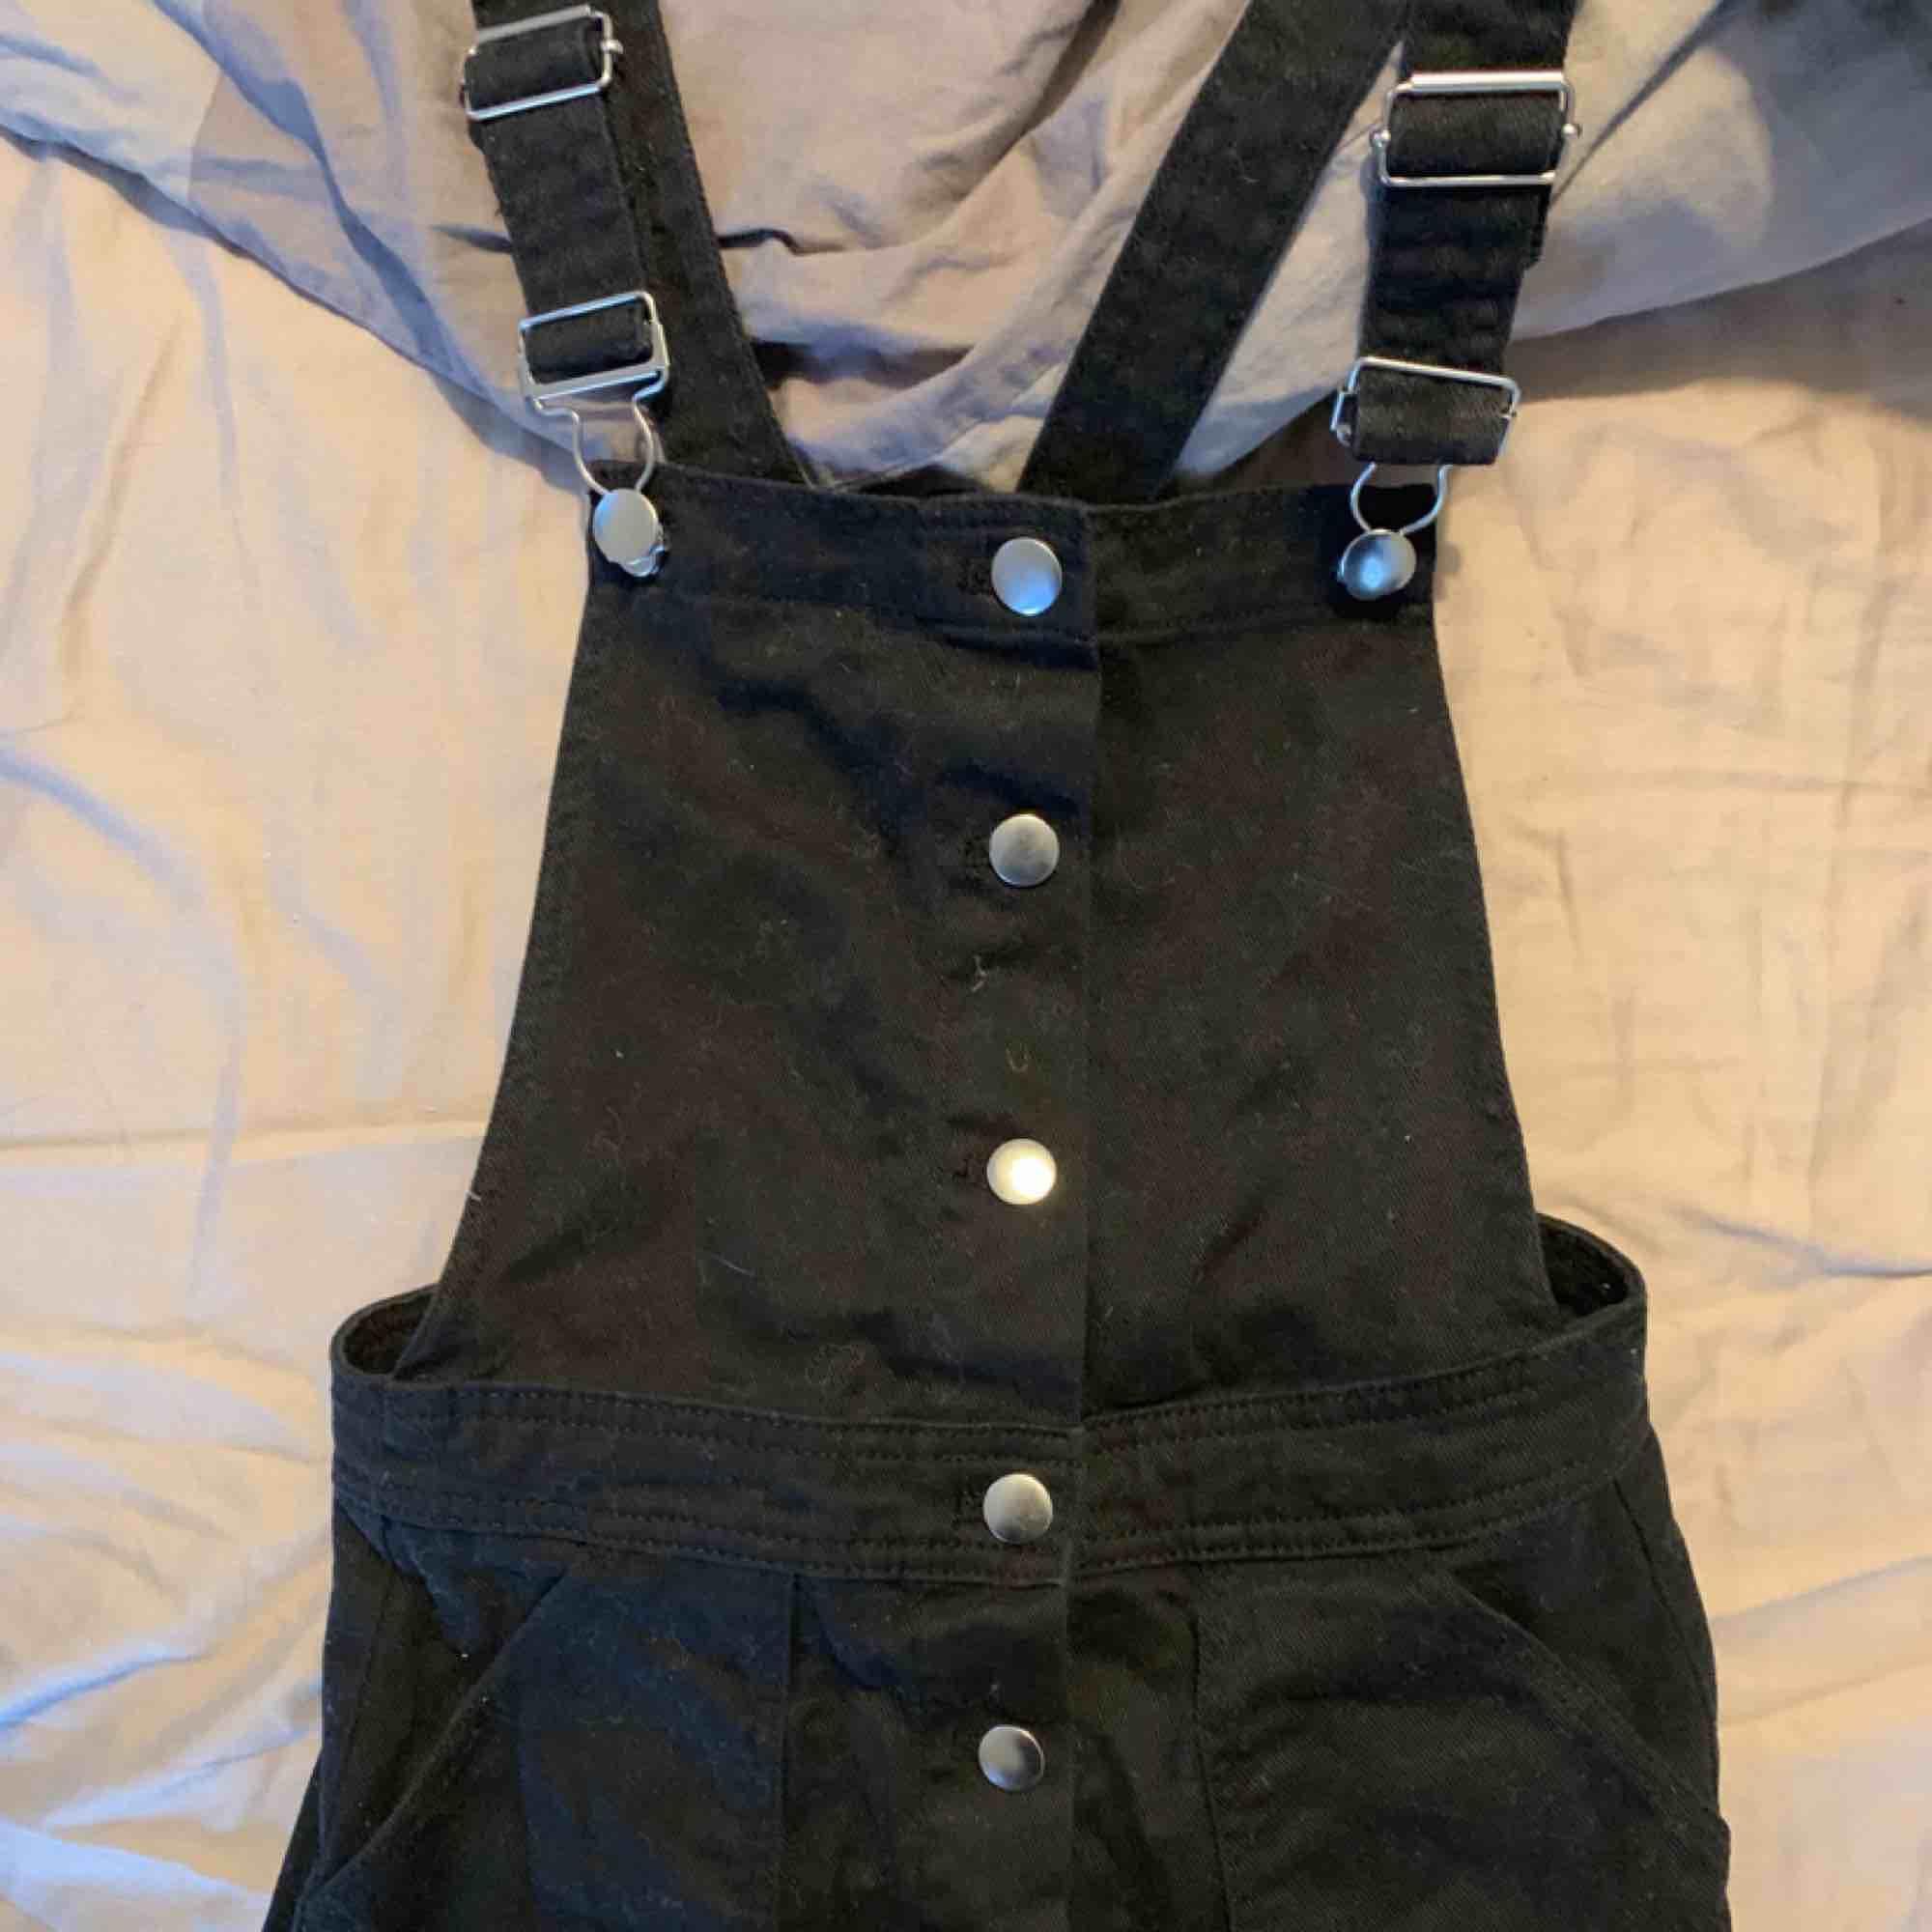 Säljes på grund av att den är för kort för mig. Är 175 cm lång! Superfin figurformad jeansklänning. Har fickor, knappar och justerbara band. Säljer för 100 kr + frakt.💘. Klänningar.